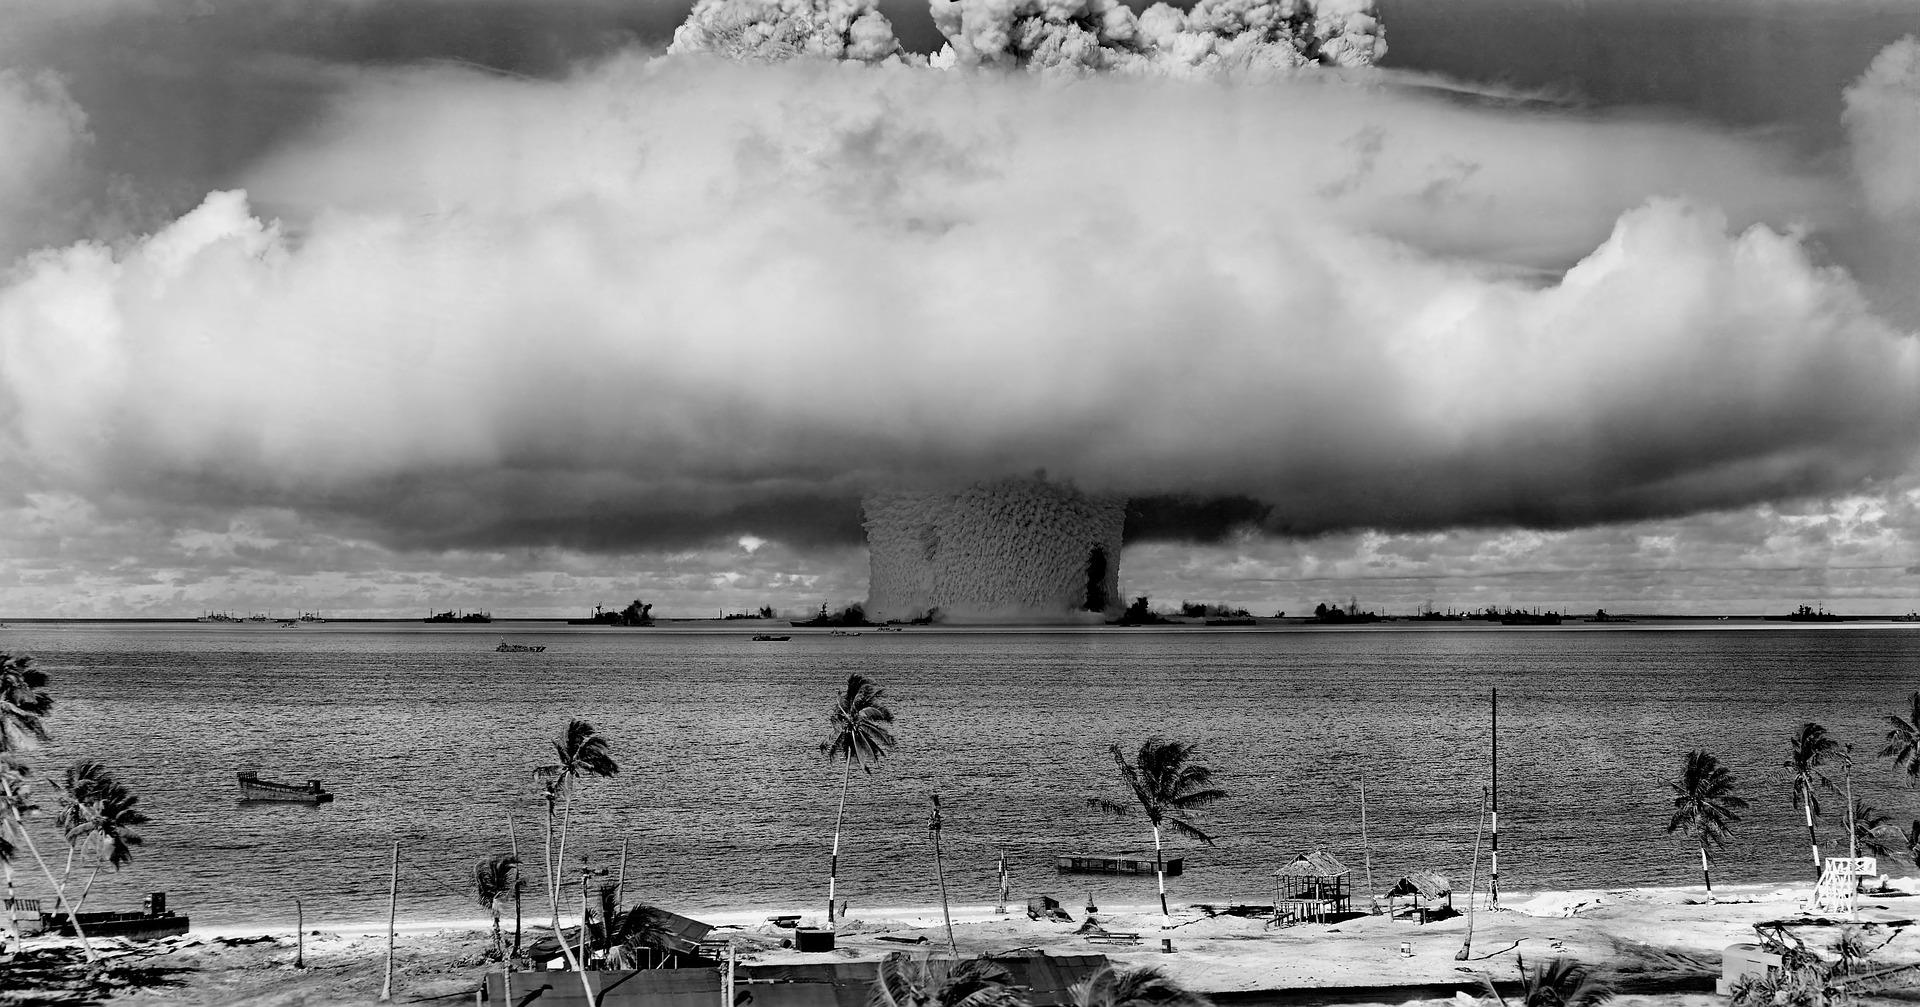 Verso la messa al bando delle armi nucleari